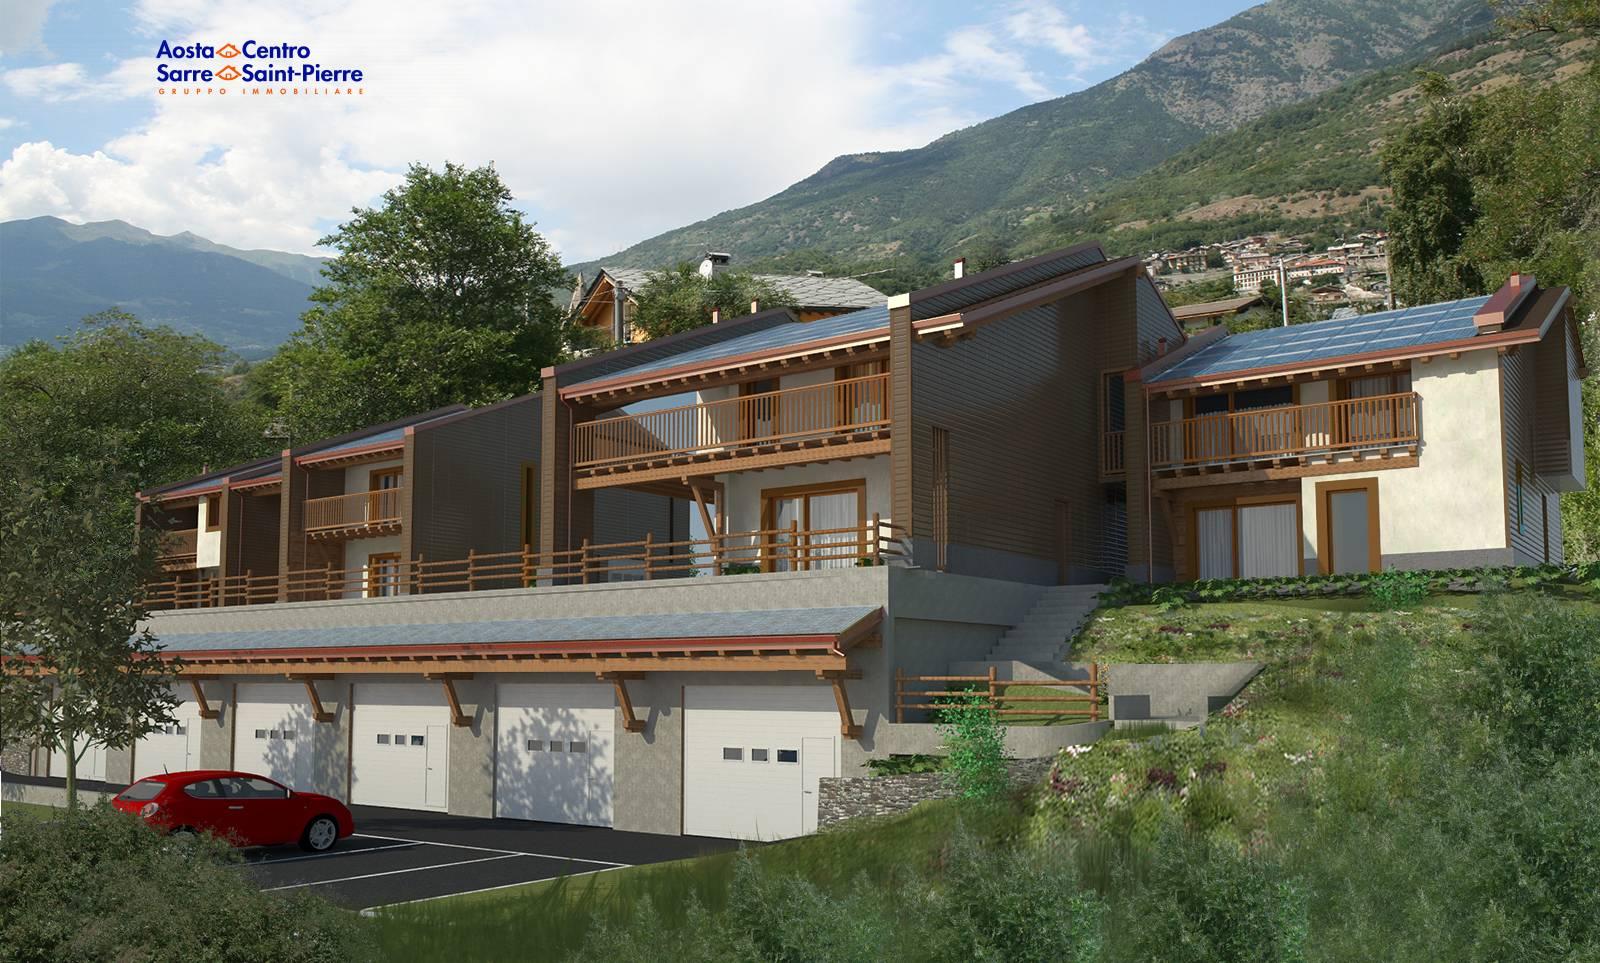 Appartamento in vendita a Quart, 3 locali, zona air, prezzo € 339.000 | PortaleAgenzieImmobiliari.it